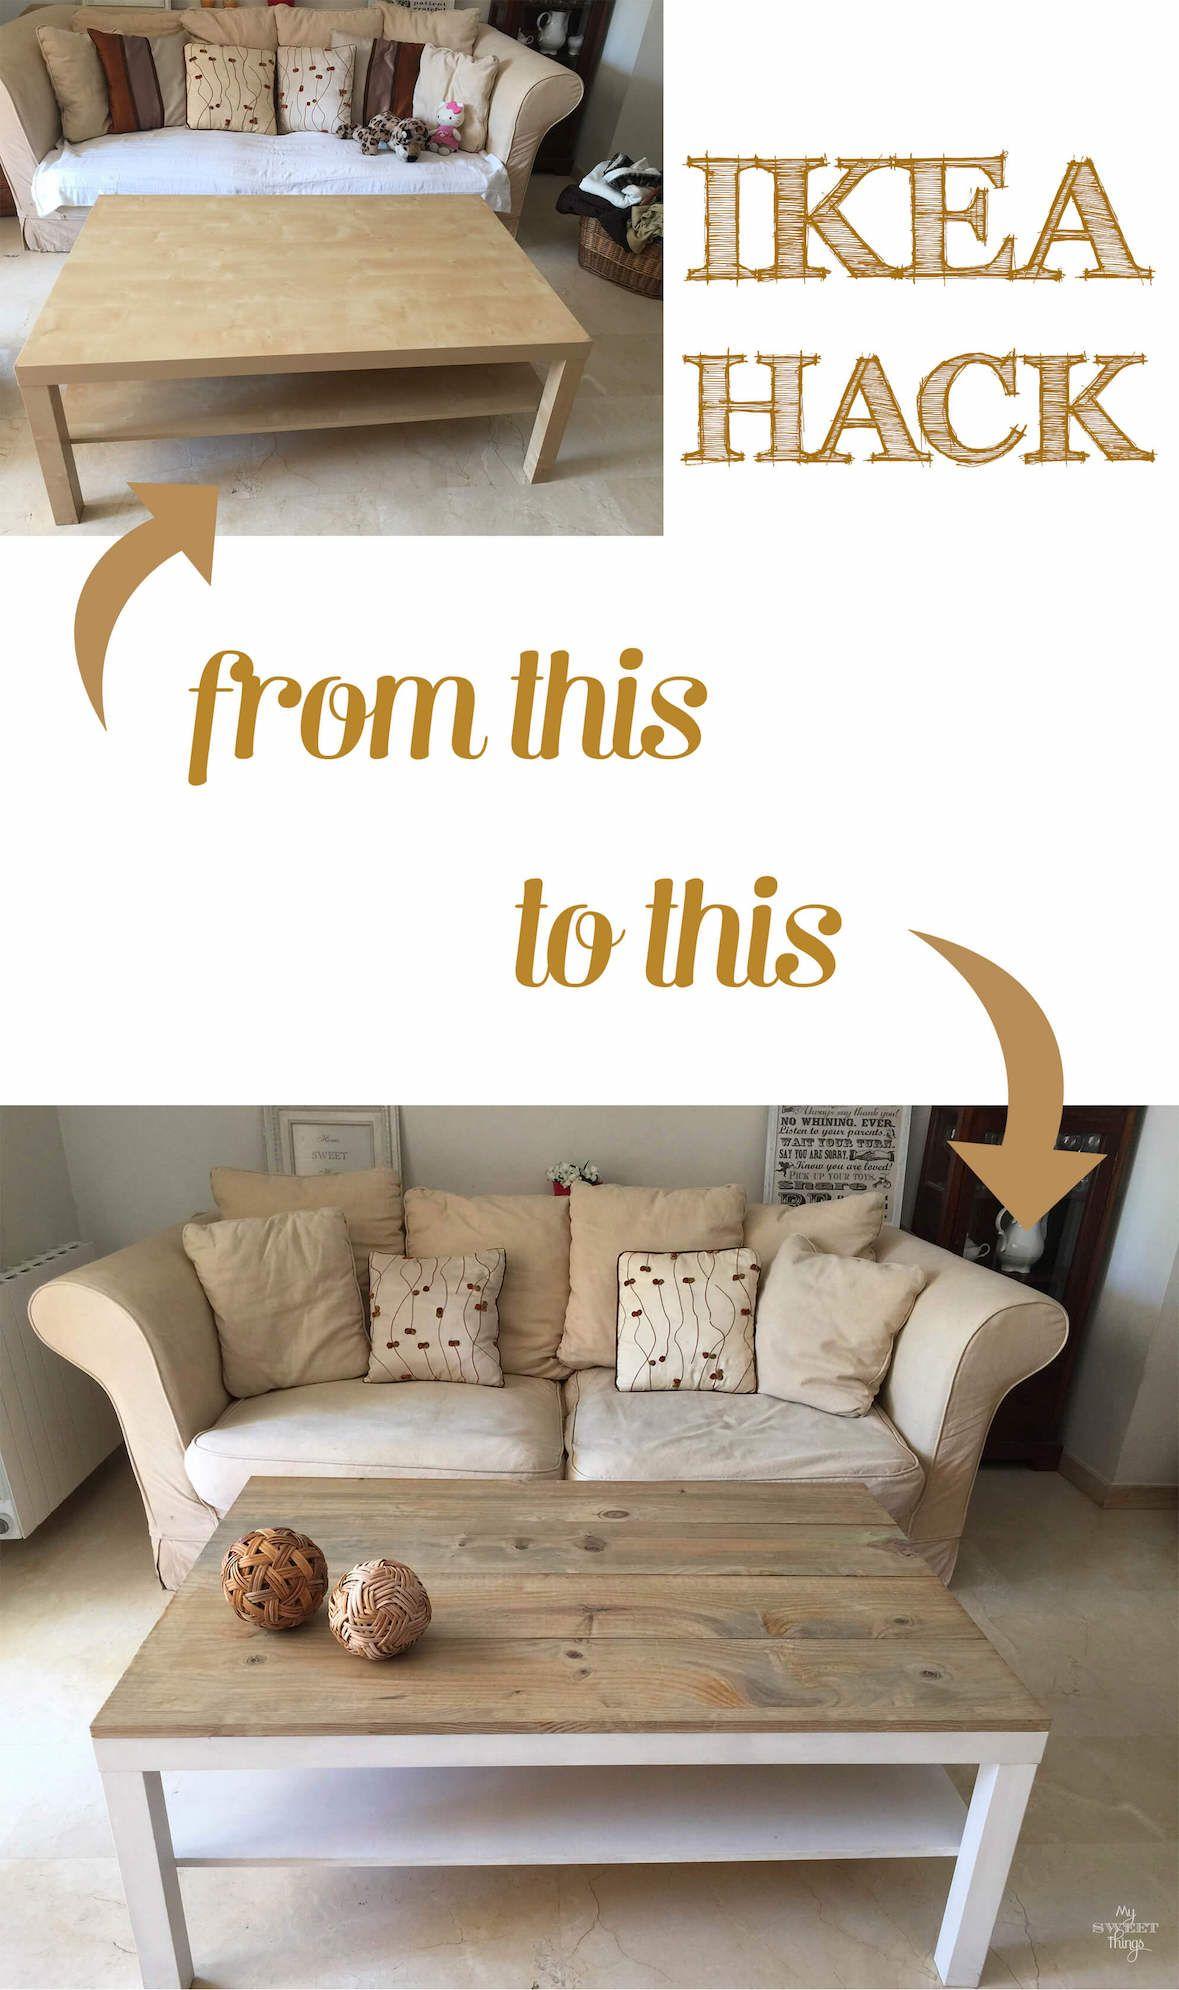 ikea lack coffee table hack | wohnzimmer, holzi holzi holz und diy, Wohnzimmer dekoo